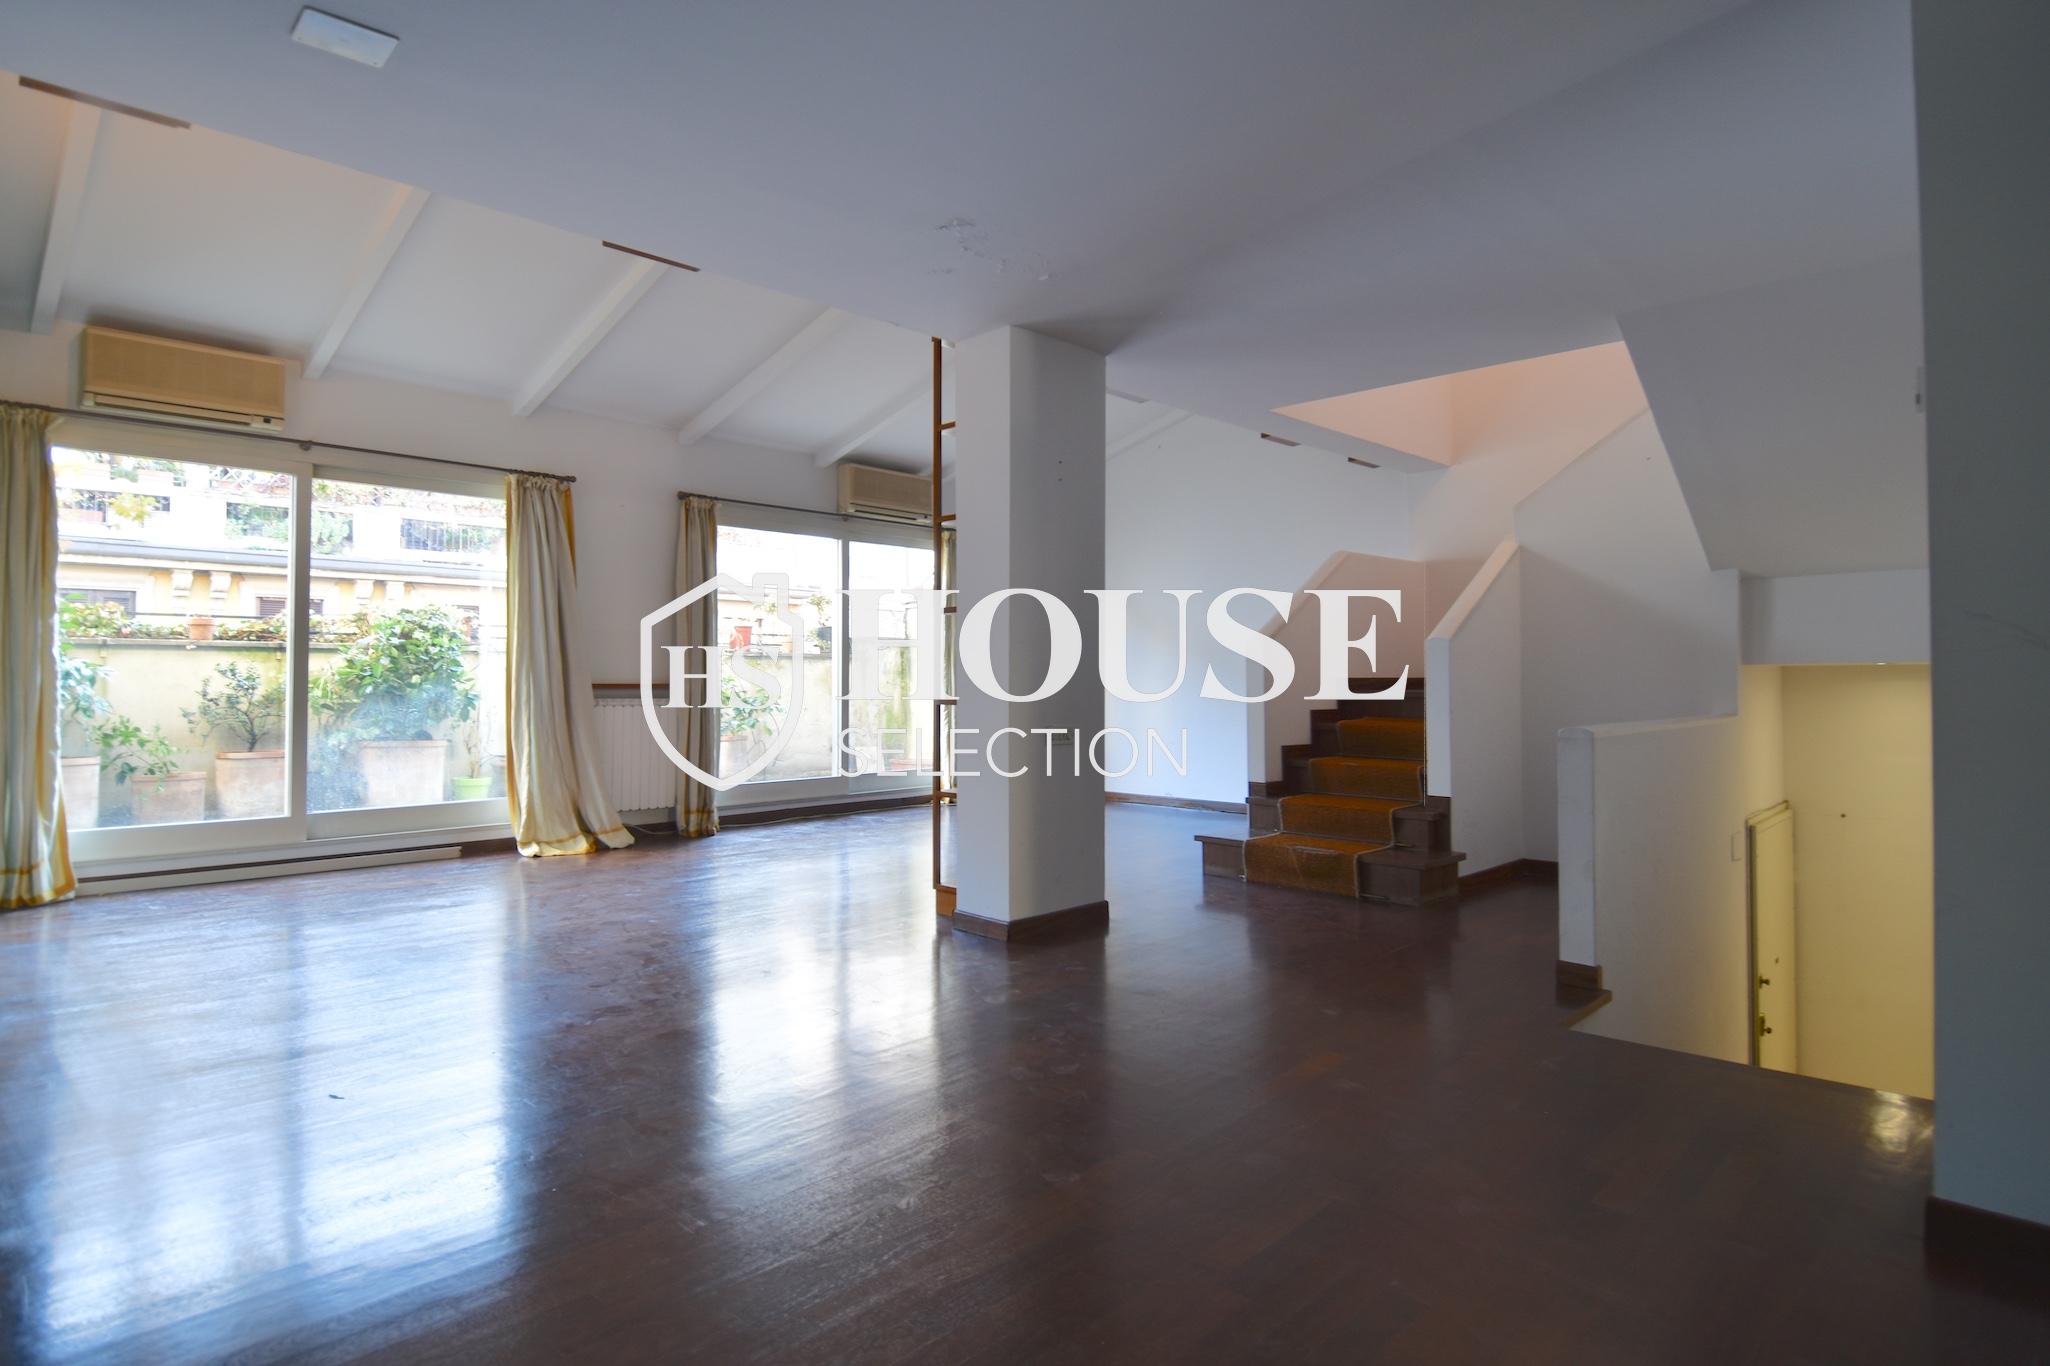 Affitto attico trilocale con terrazzino, via Archimede, tranquillo e luminoso, Milano 3